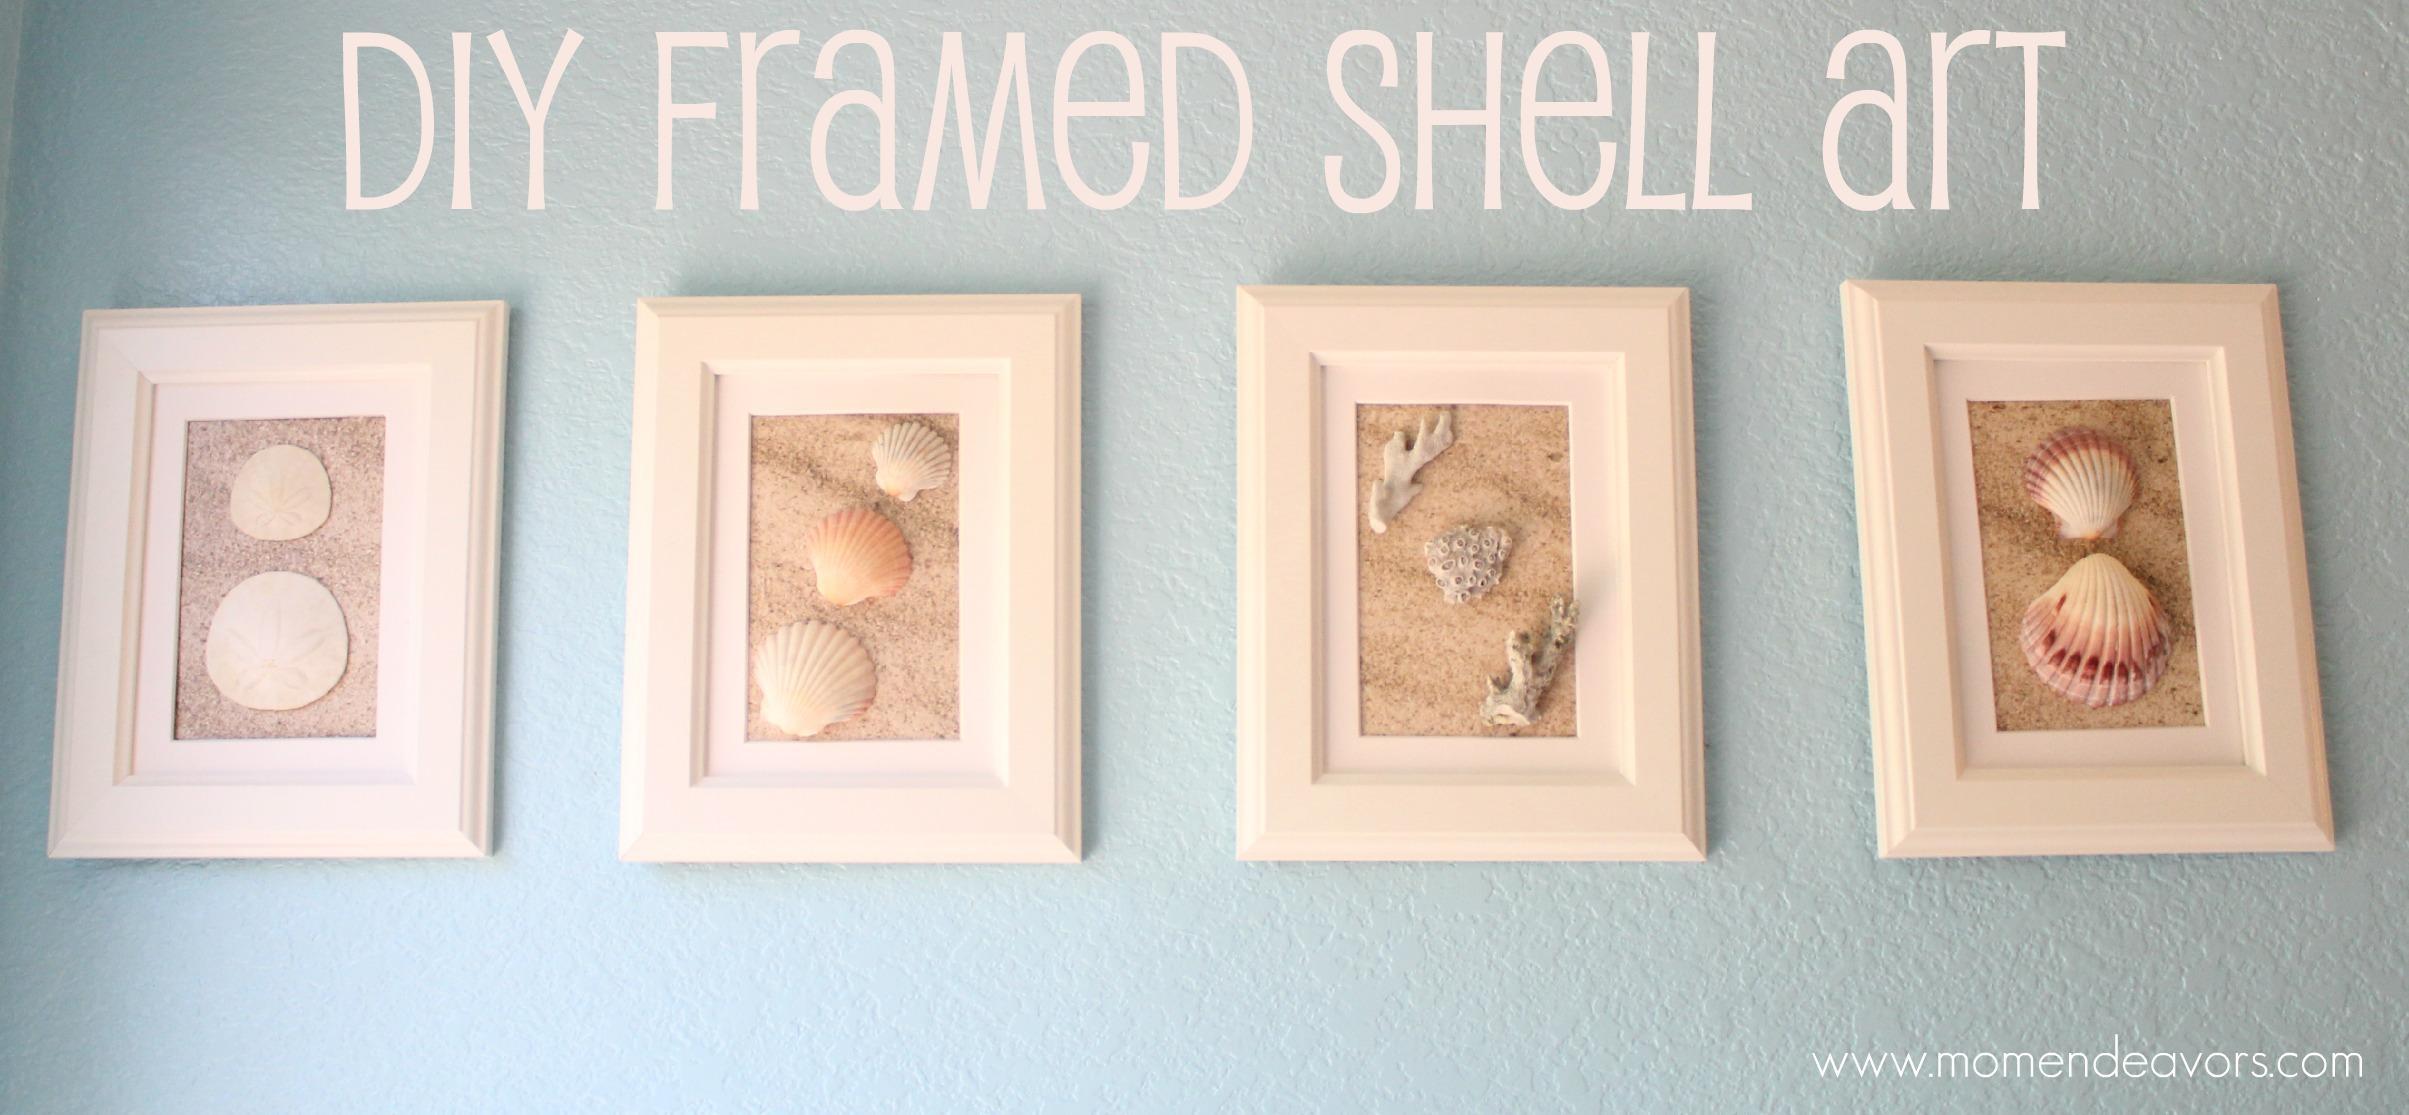 Diy Framed Shell Art Regarding Wall Art With Seashells (Image 12 of 20)